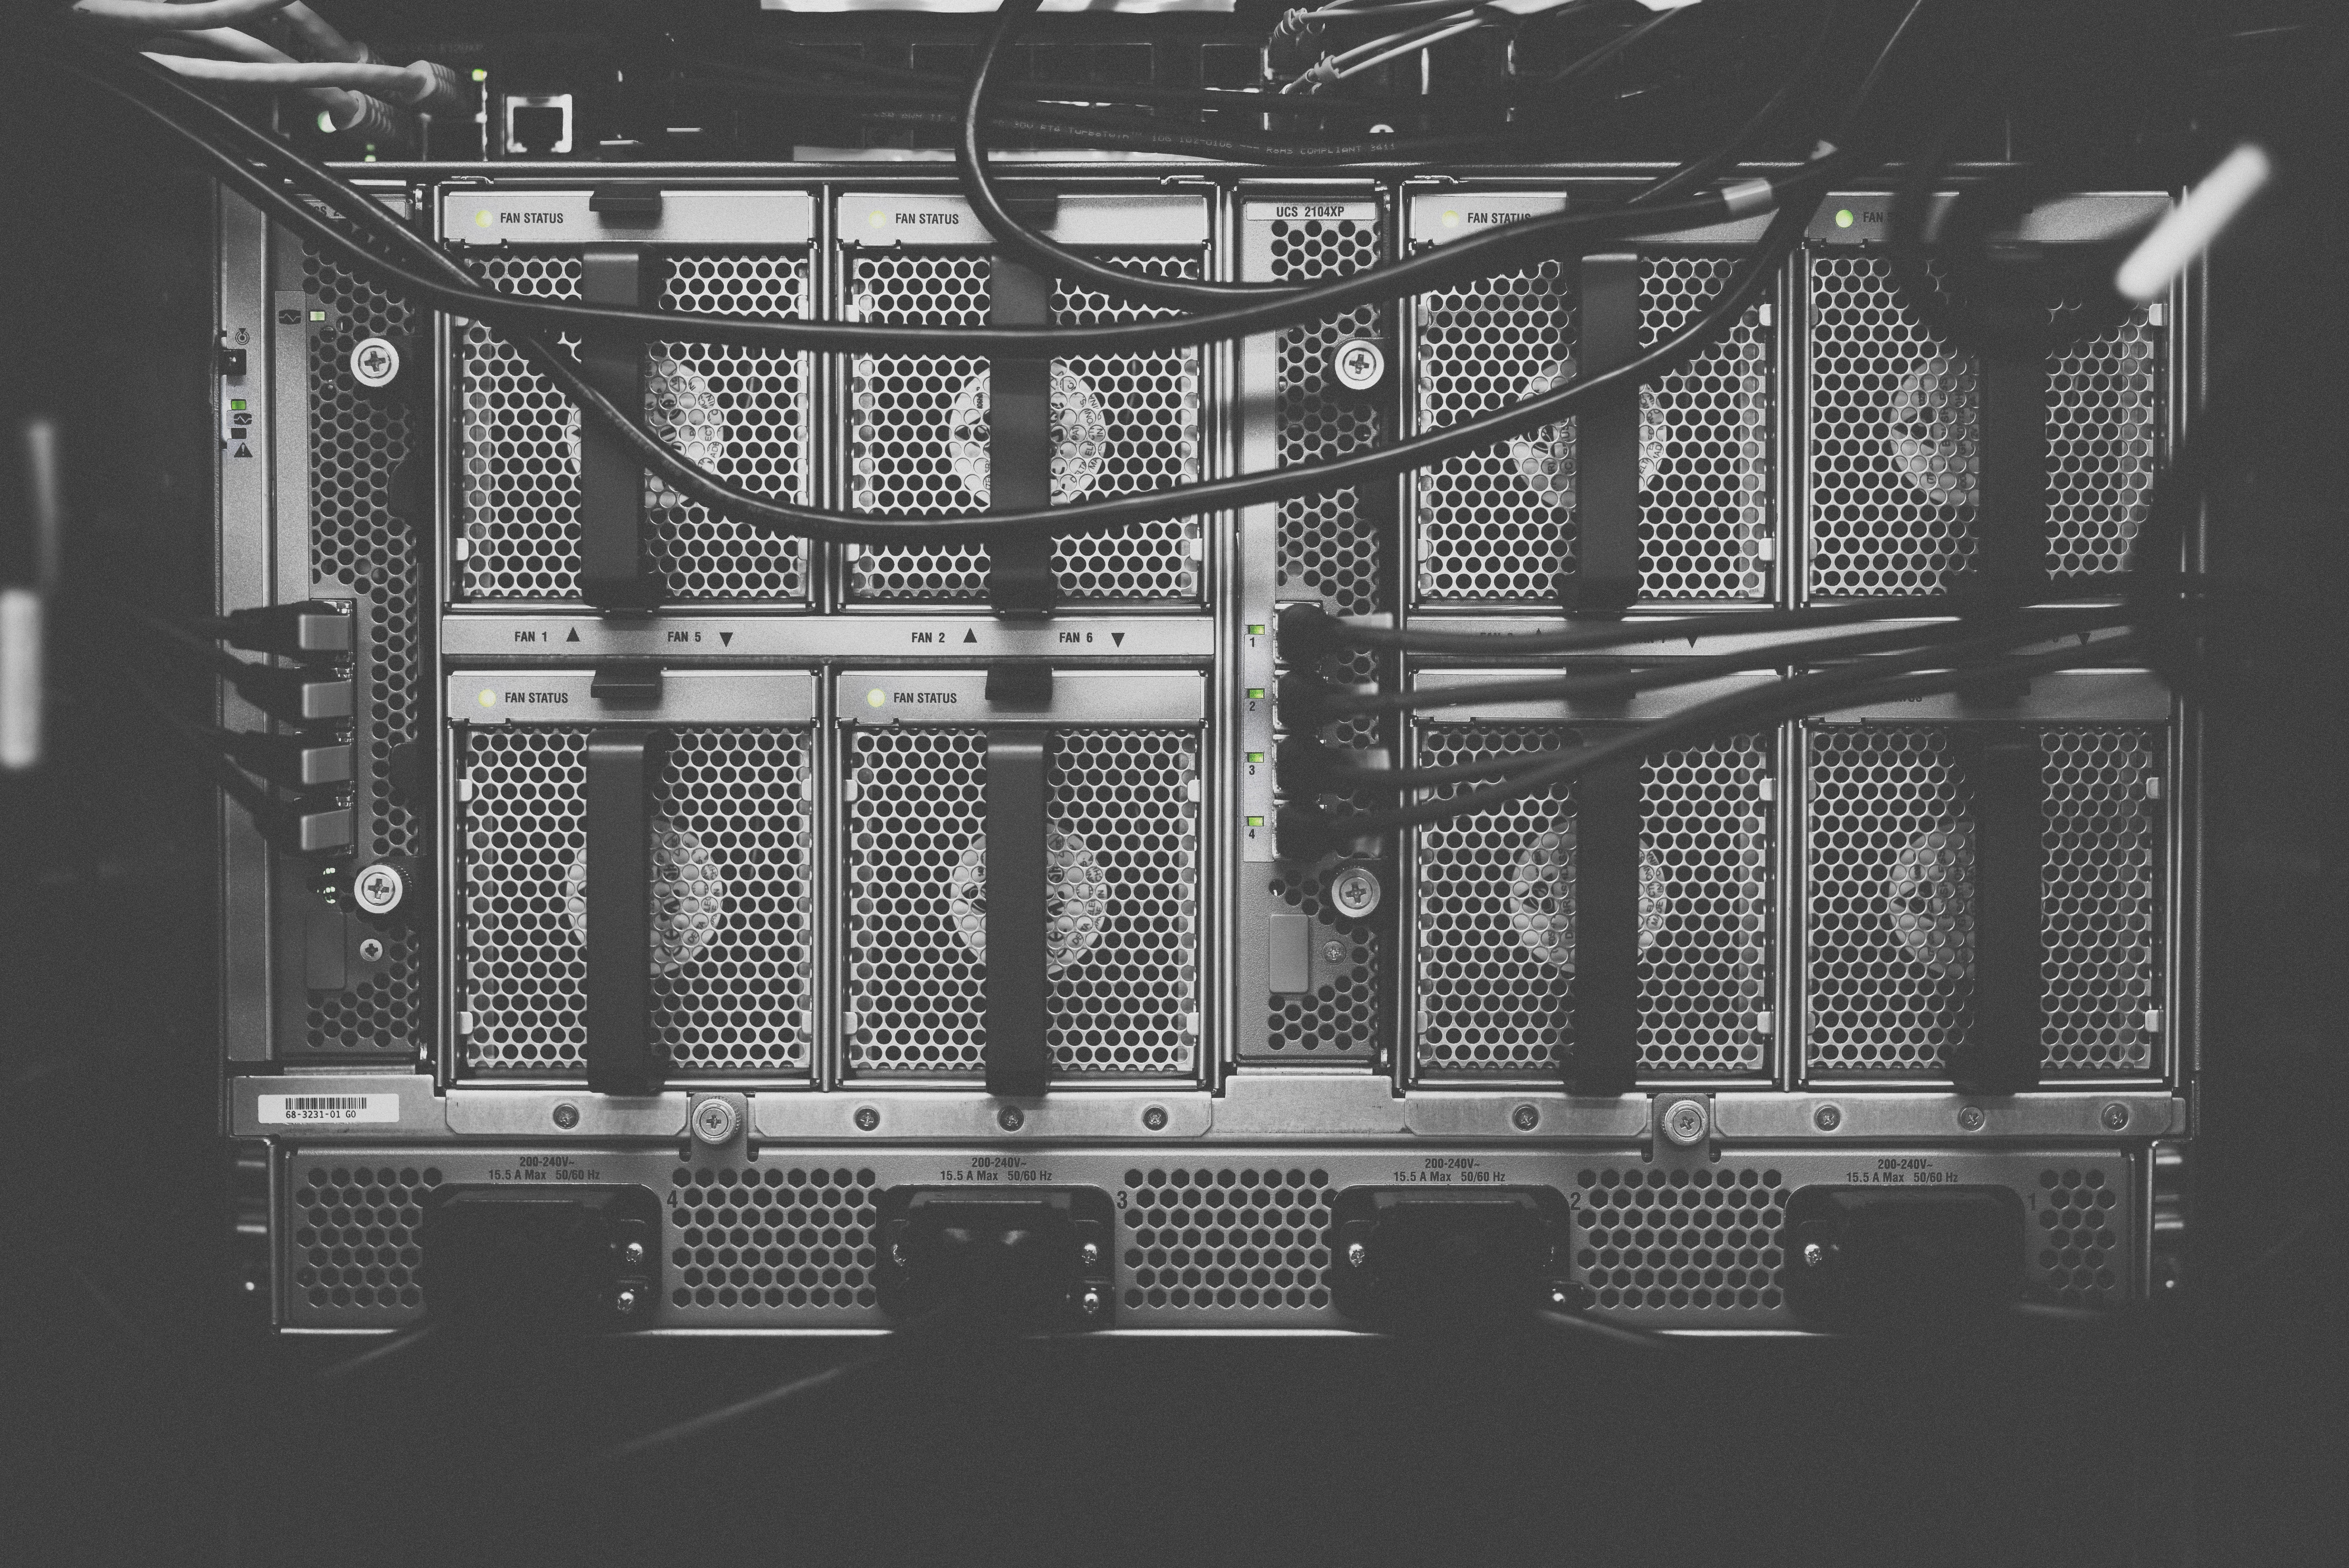 """Computer sind noch nicht in der Lage, den großen Kontext zu """"realisieren"""". Foto: Thomas Kvistholt, Unsplash.com"""